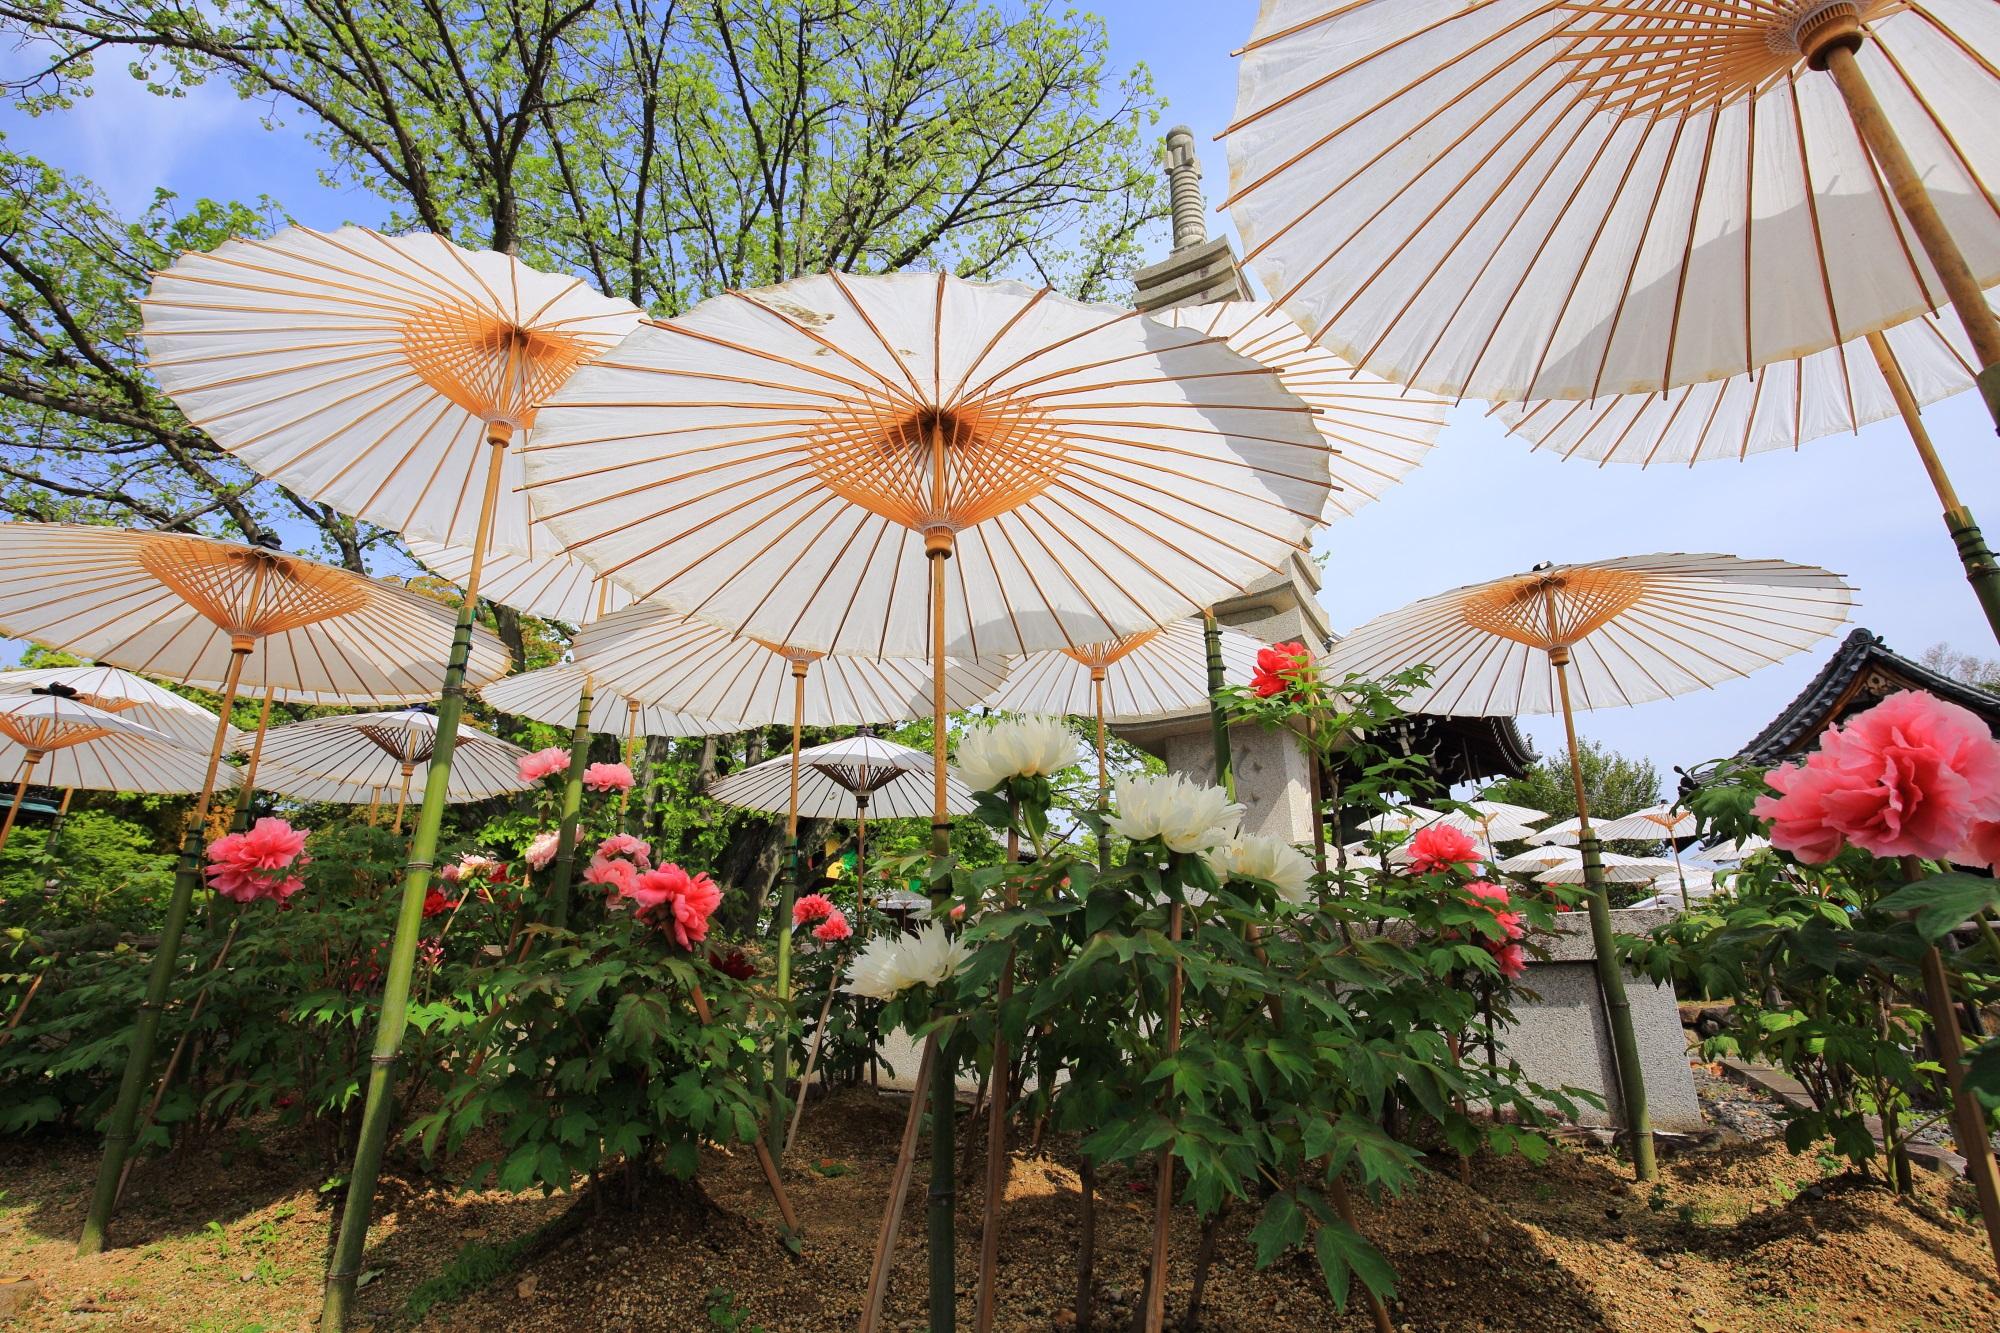 乙訓寺の素晴らしい牡丹の花と春の情景